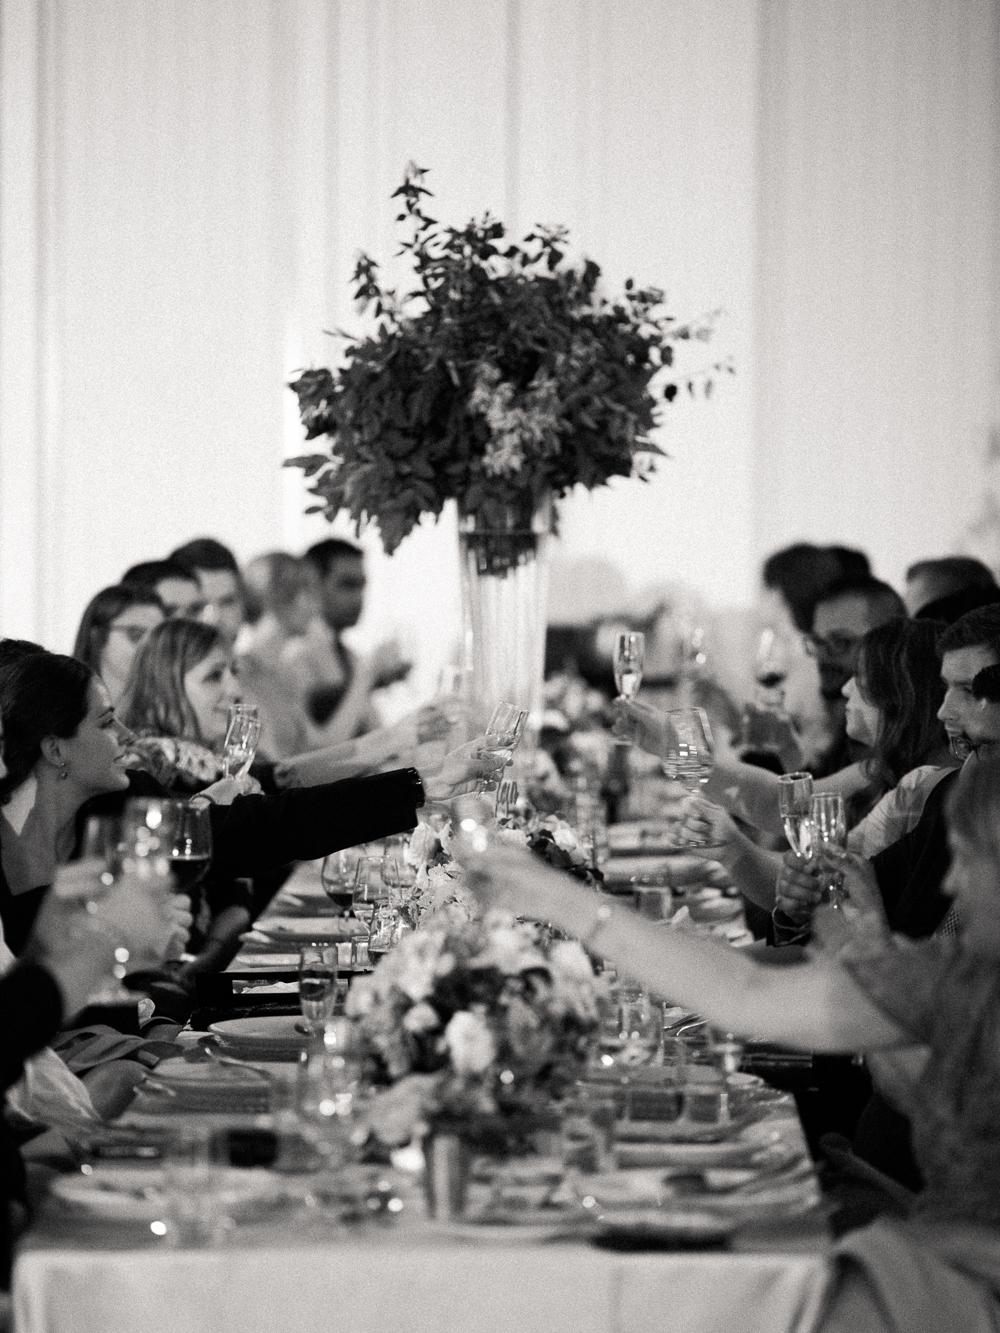 0071-When-He-Found-Her-Muskoka-JW Marriott-The Rosseau-shea-events-sweet-woodruff-canadian-resort-wedding.jpg